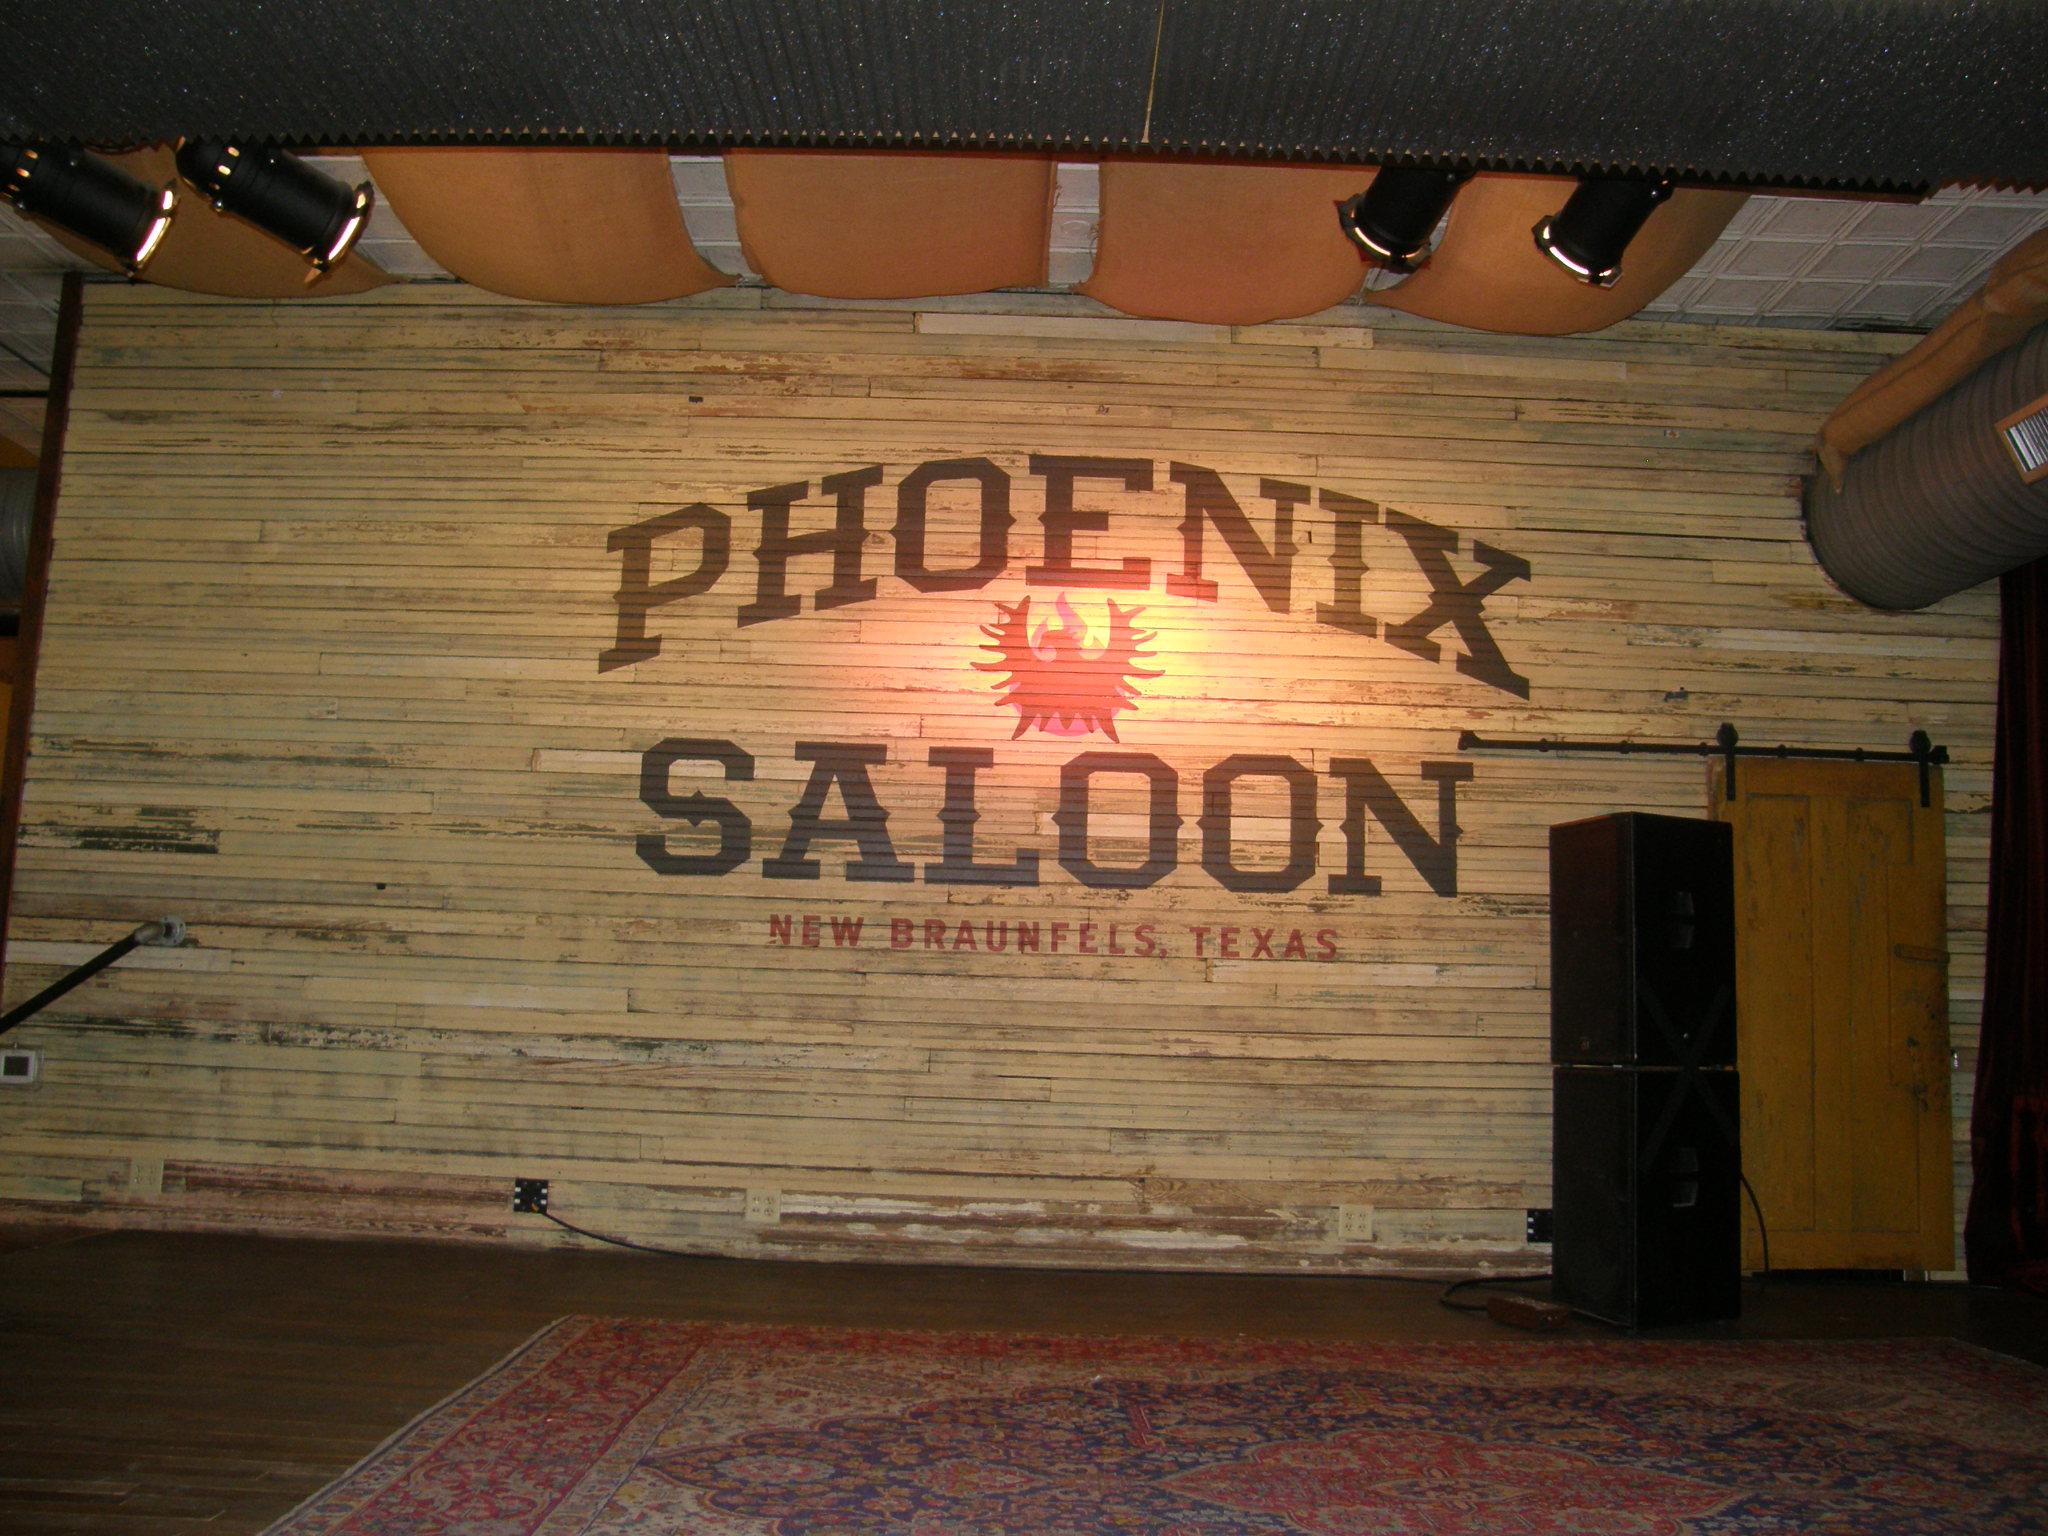 Phoenix Saloon New Braunfels Food Network